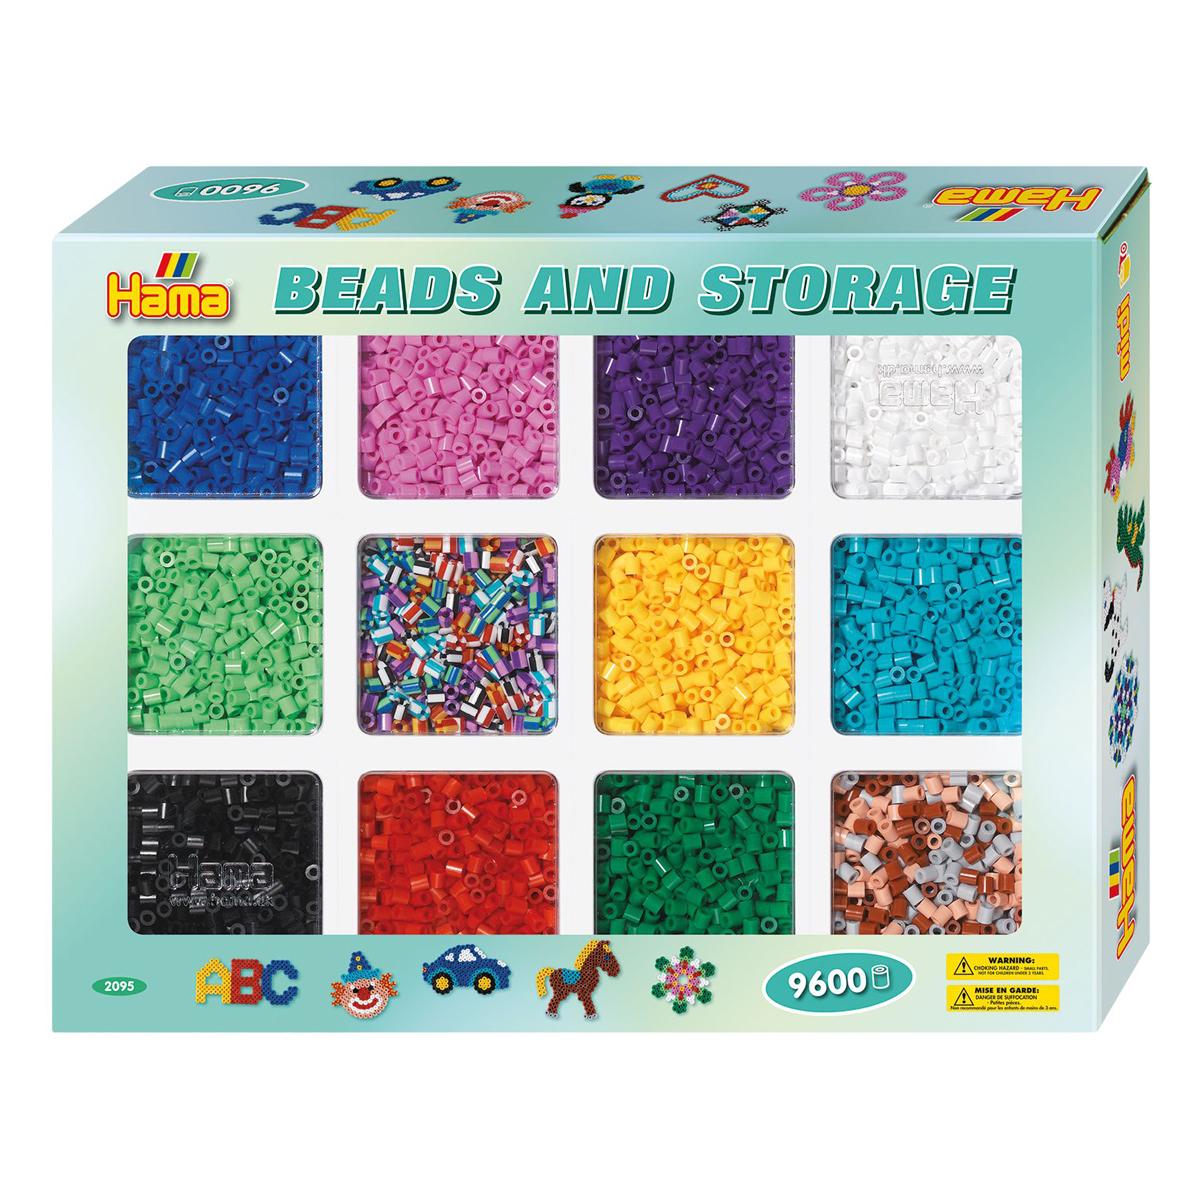 ハマビーズ 色分けできる!12色の基本ビーズボックス